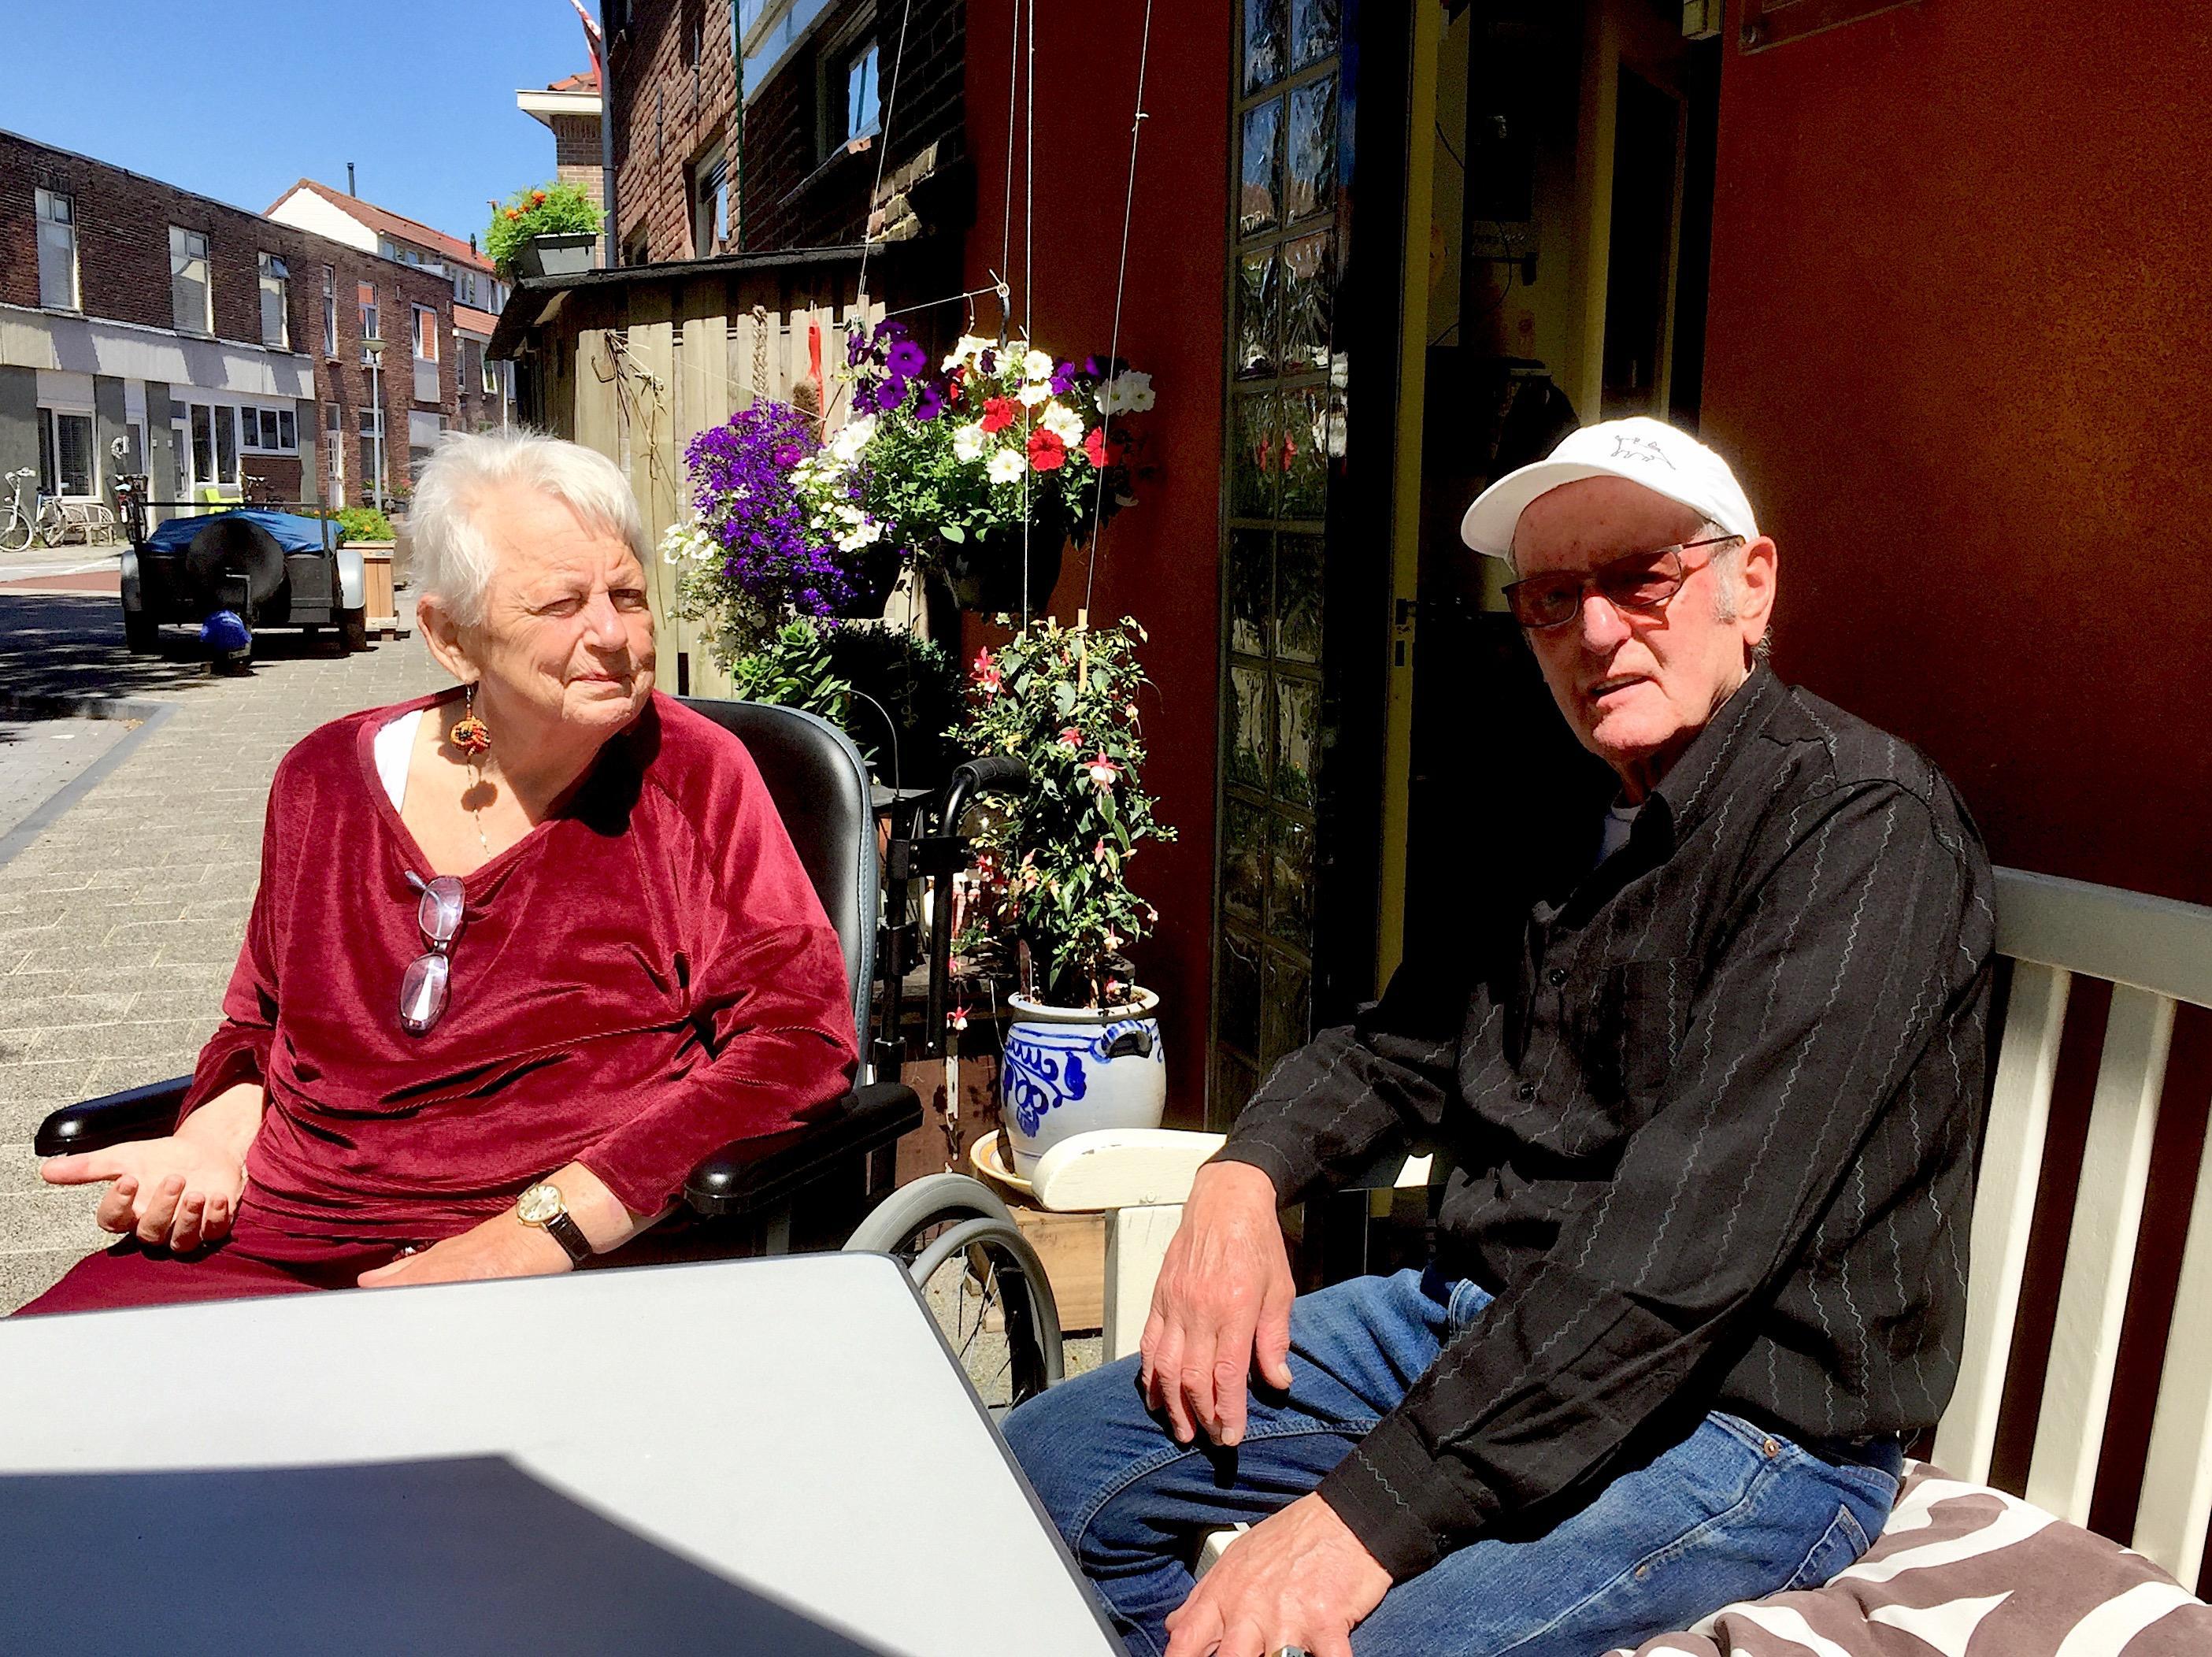 Onderweg: Het leven van Els en Henk Hofland heeft zich afgespeeld in de Van der Kaaijstraat in Alkmaar